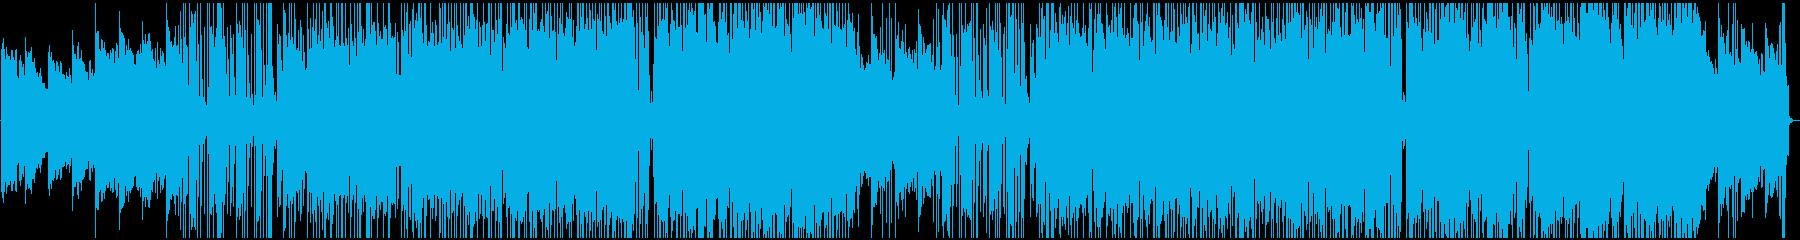 おしゃれでゆったりアシッドジャズの再生済みの波形